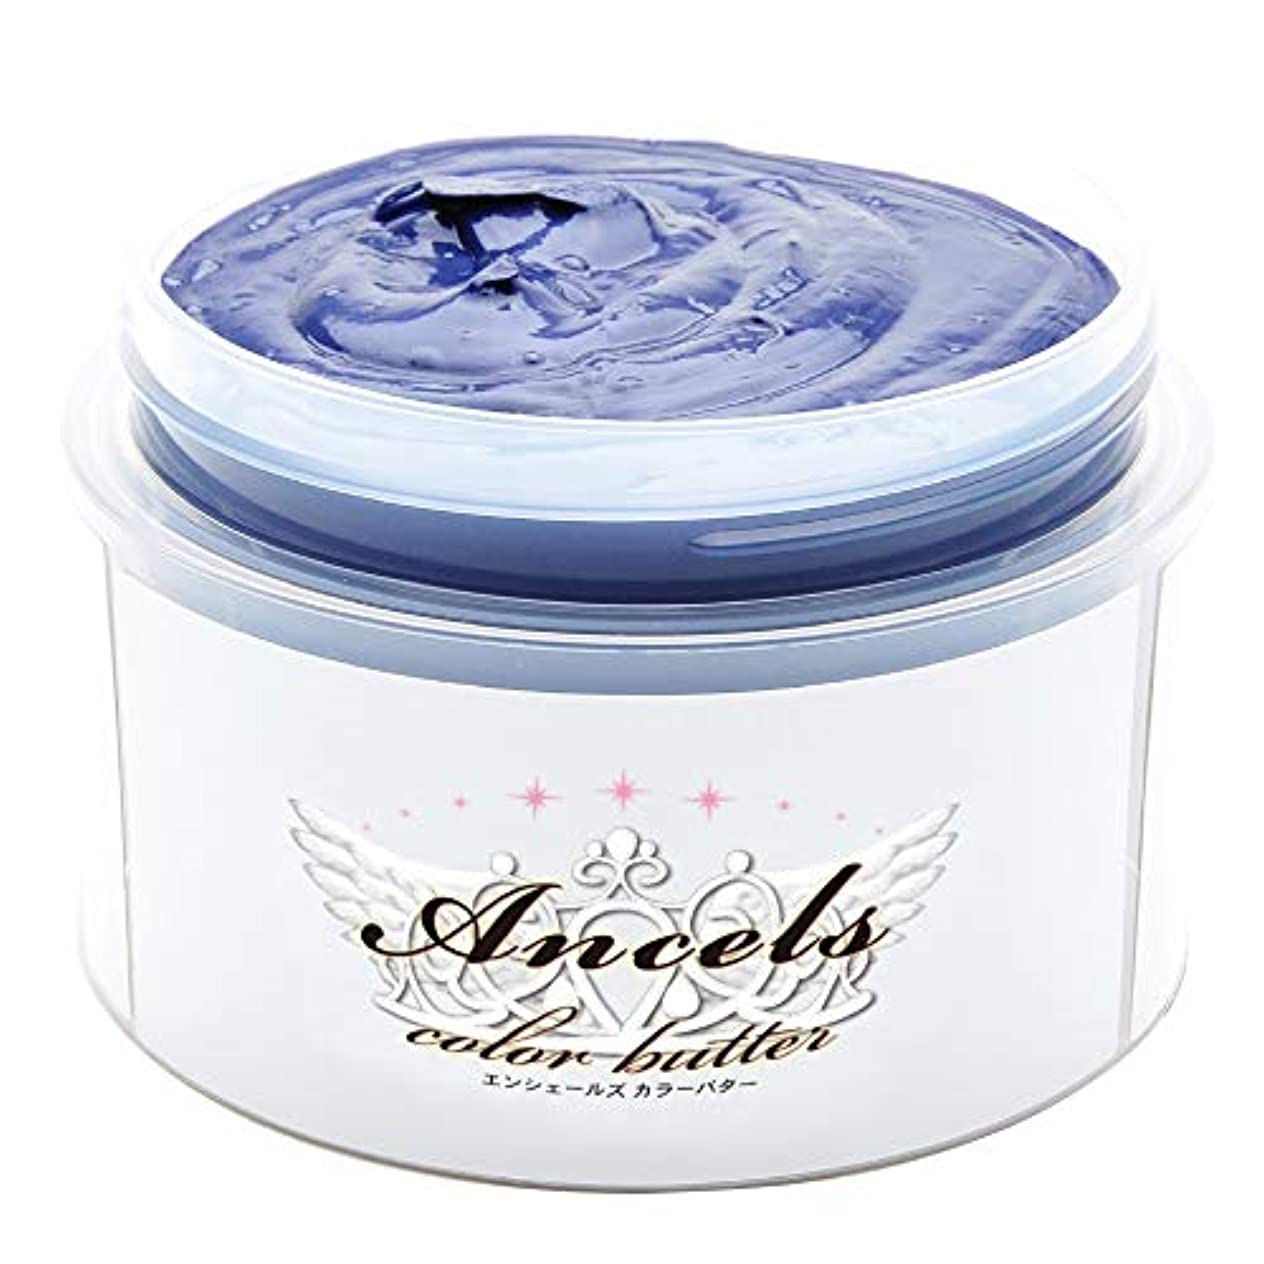 微生物刺激する汚れたAncels colorbutter エンシェールズ カラーバター ネイビーブルー 200g